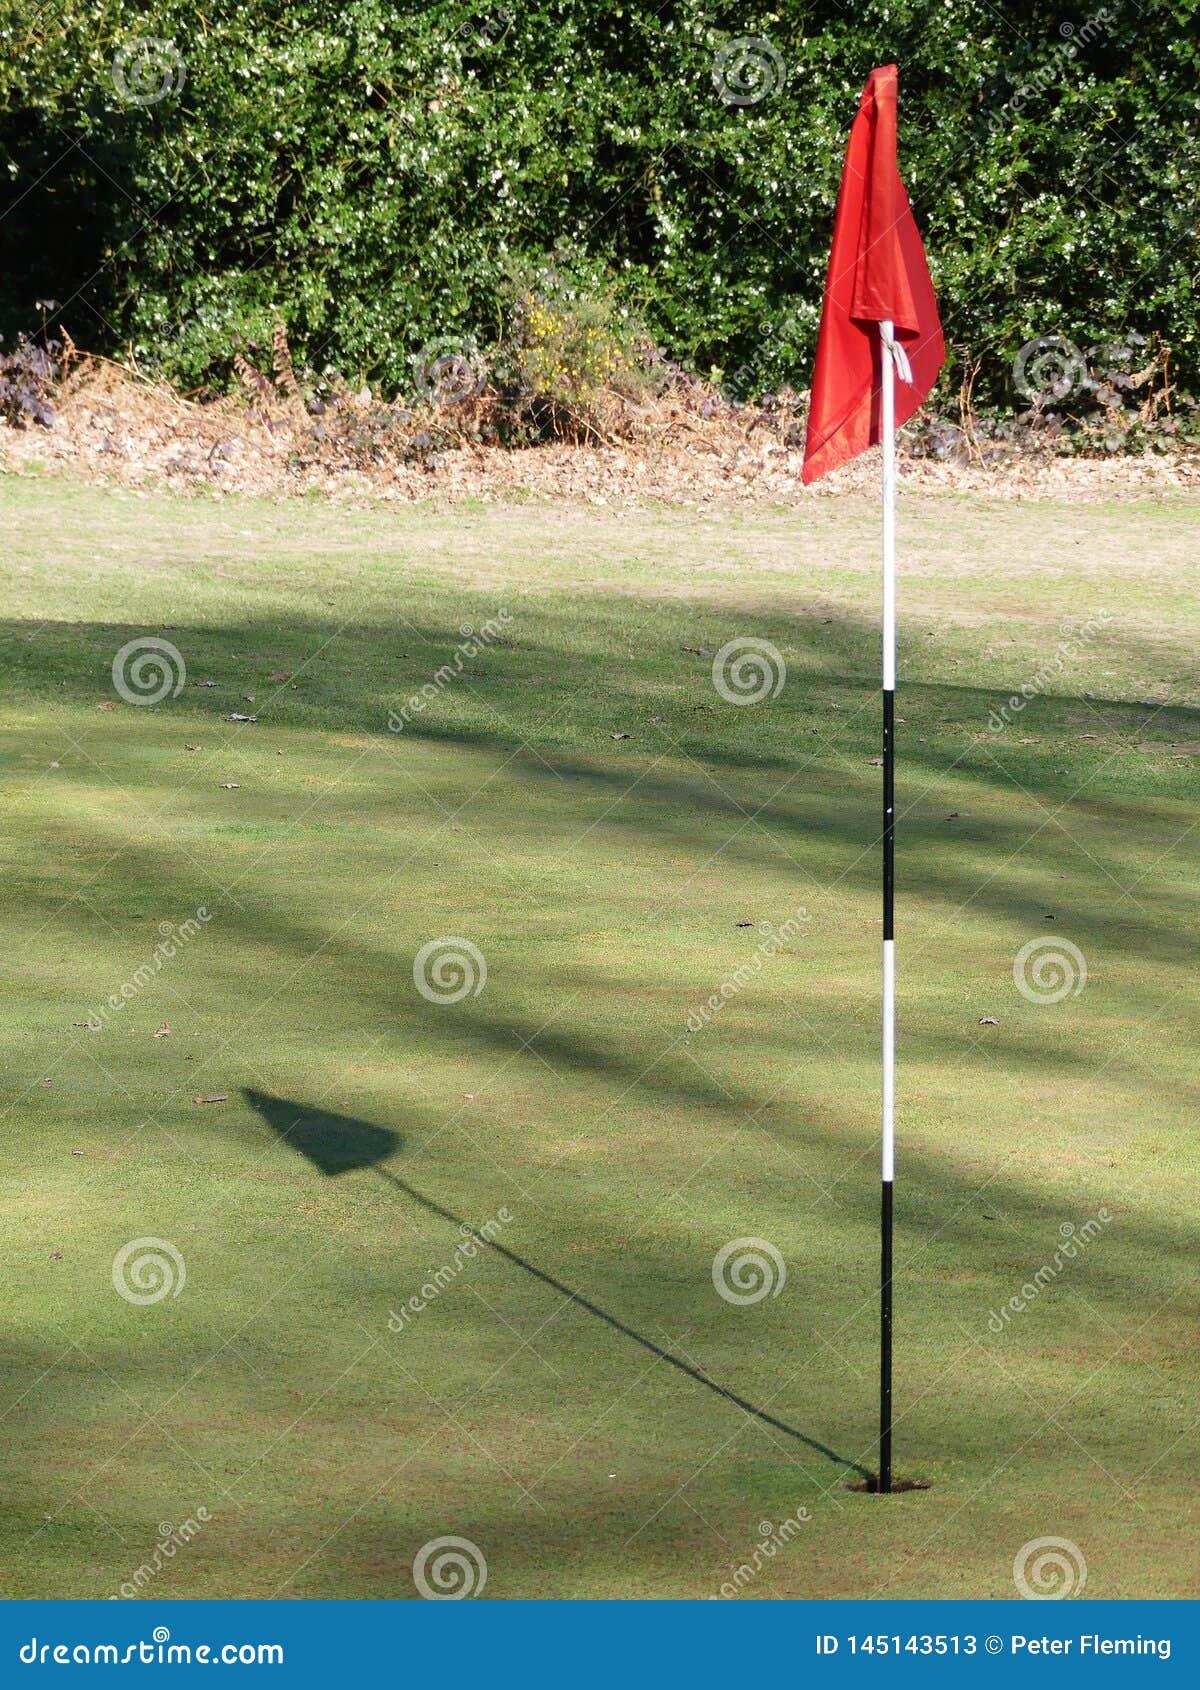 Golfgrün mit werfendem Schatten der roten Fahne